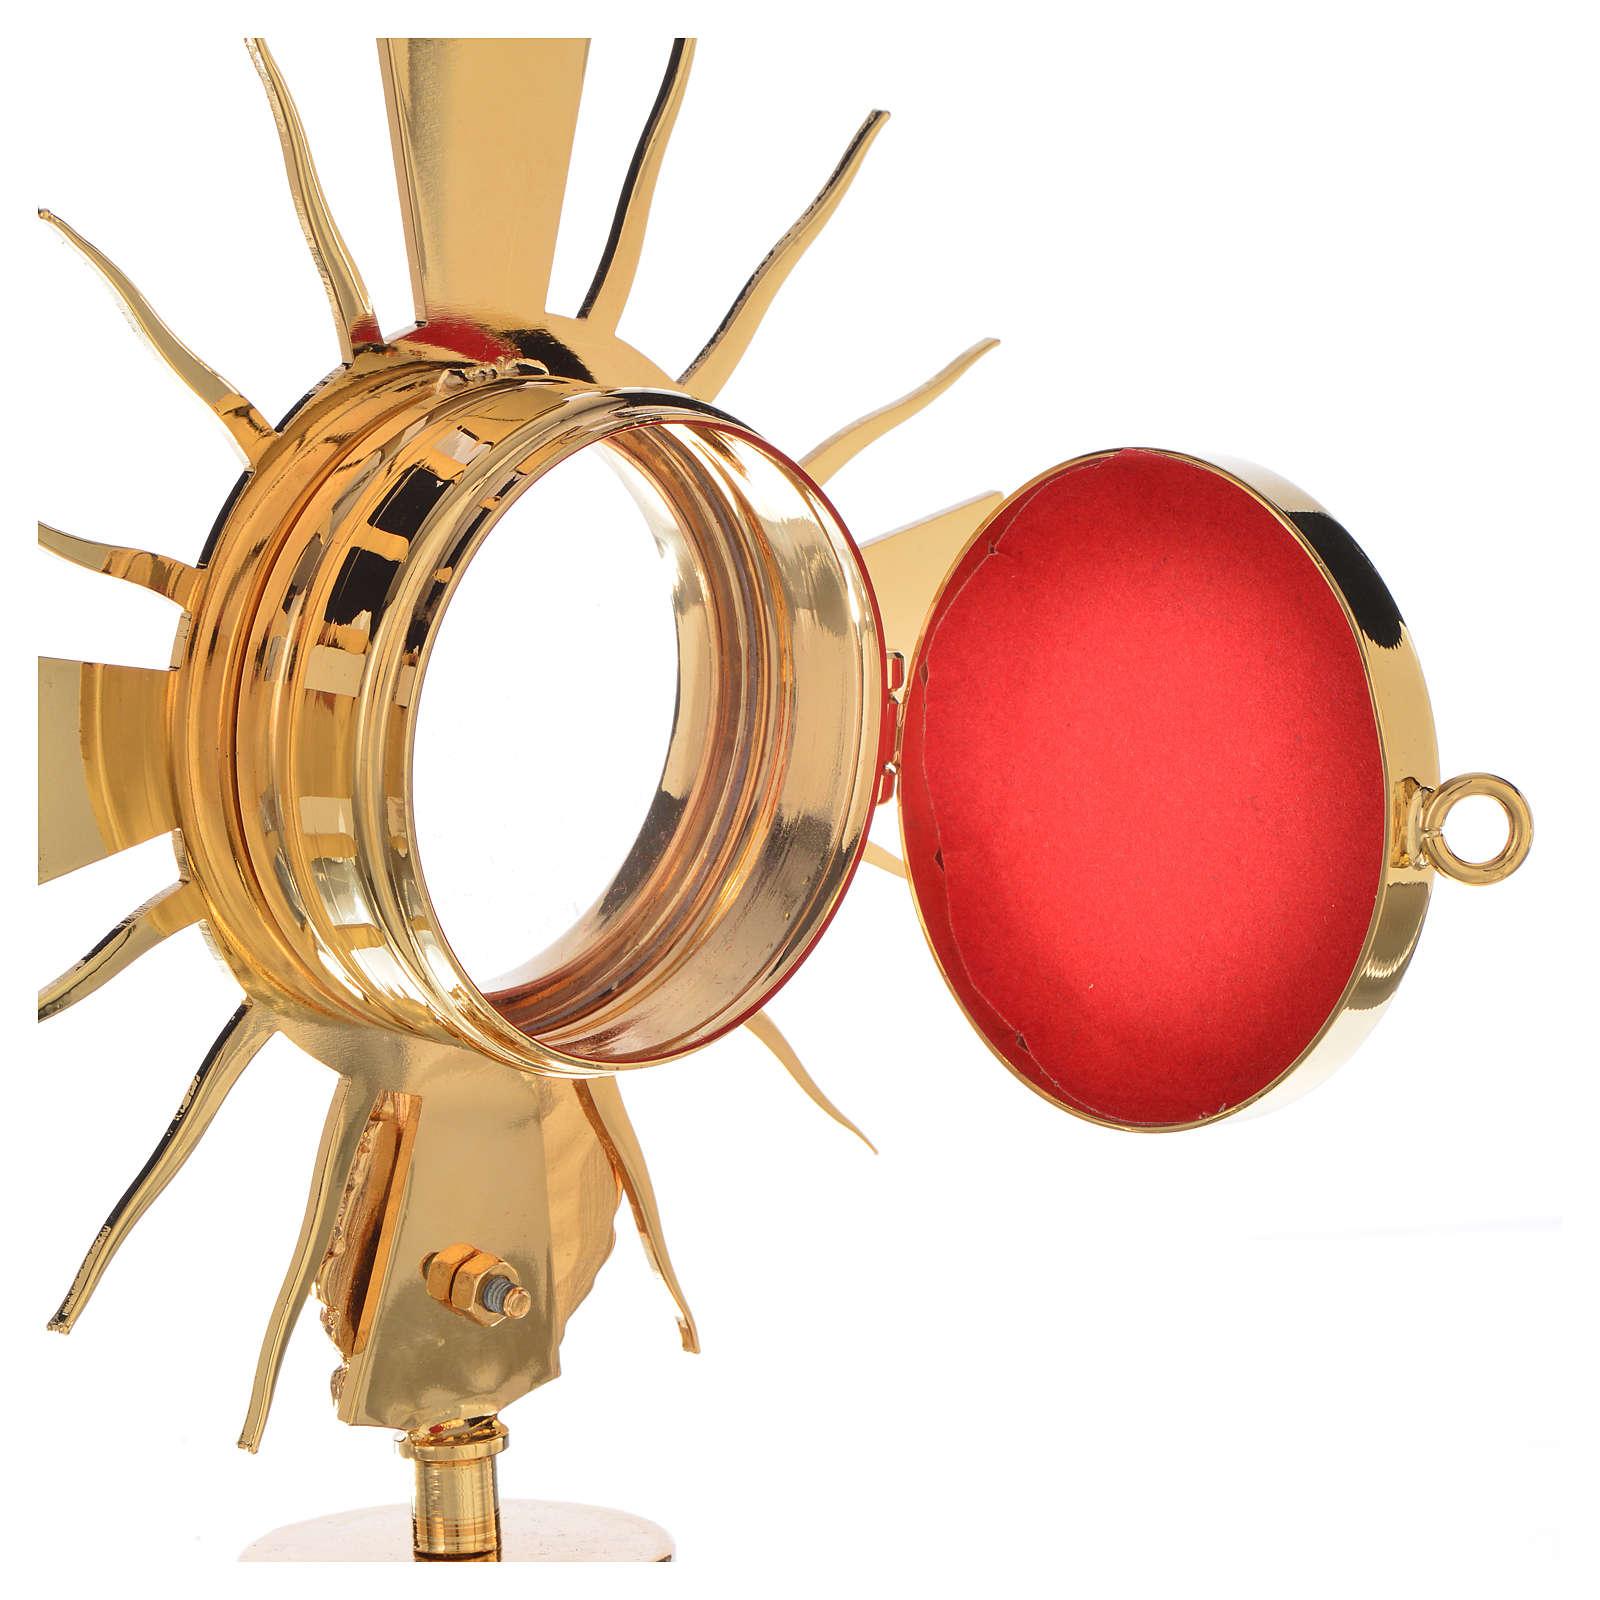 Portareliquia ottone dorato con putto h 17 cm 4